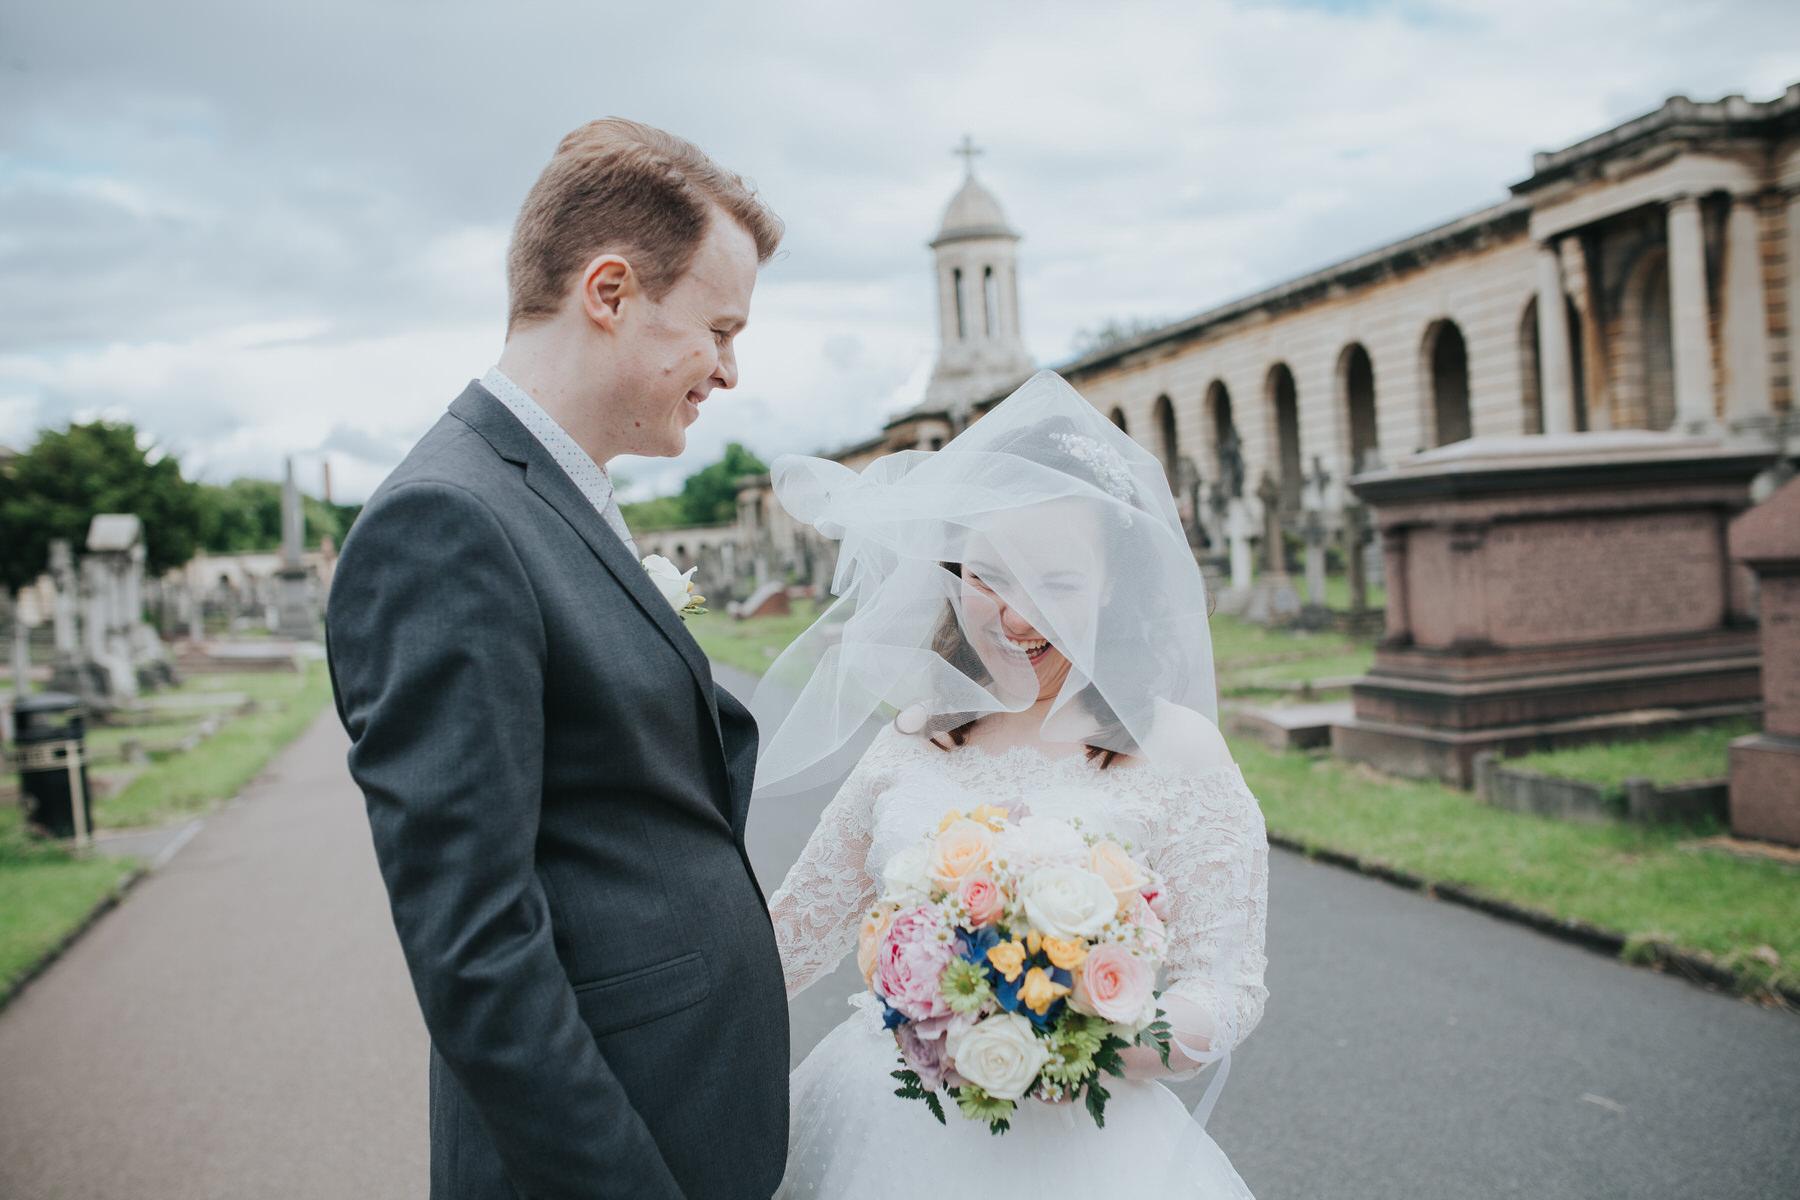 groom bride windy veil wedding portraits Brompton Cemetery.jpg